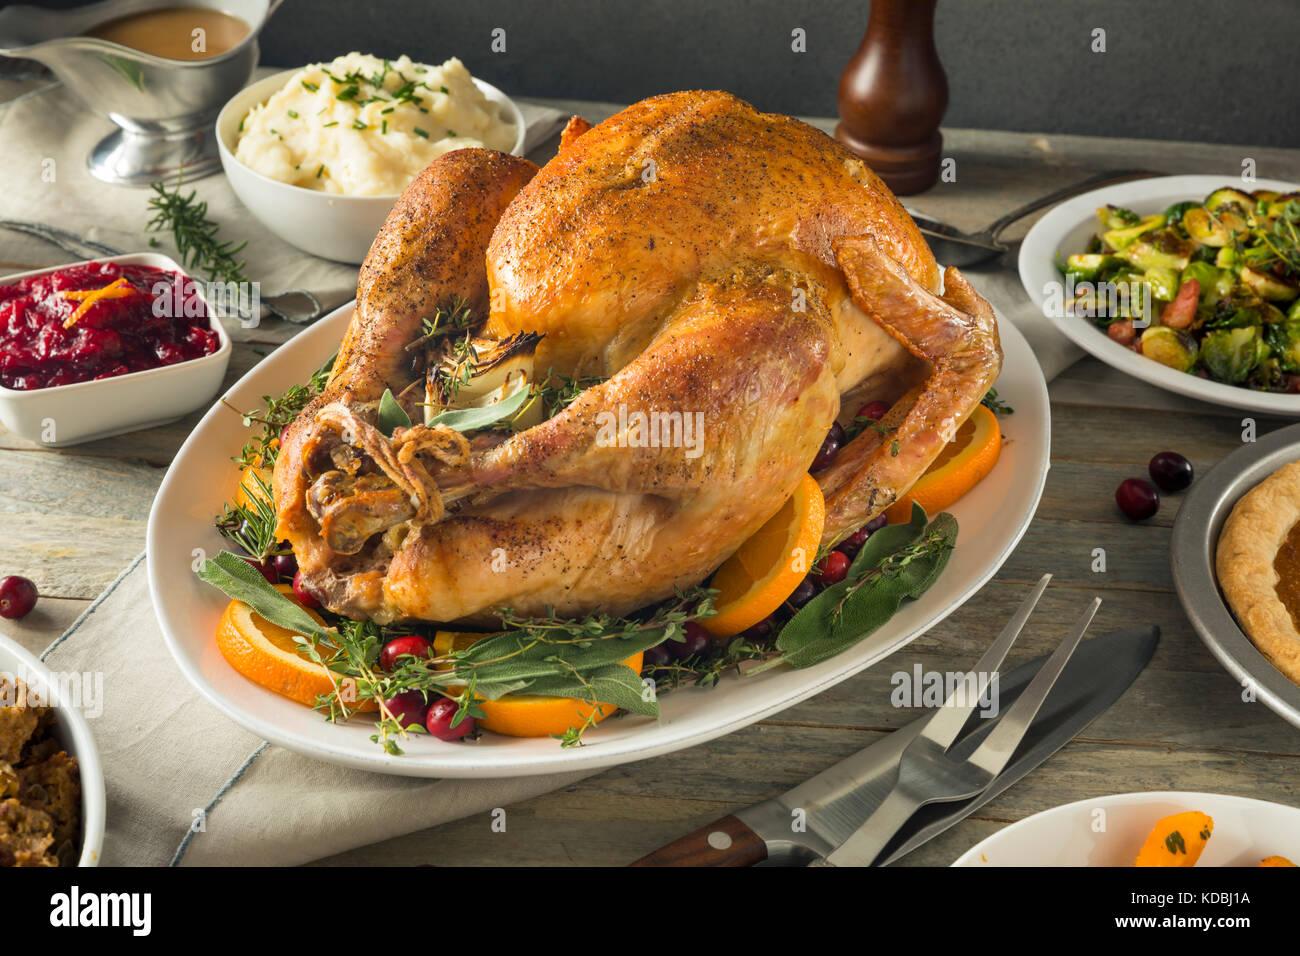 Organische freie Strecke hausgemachte thanksgiving Truthahn mit Seiten Stockfoto